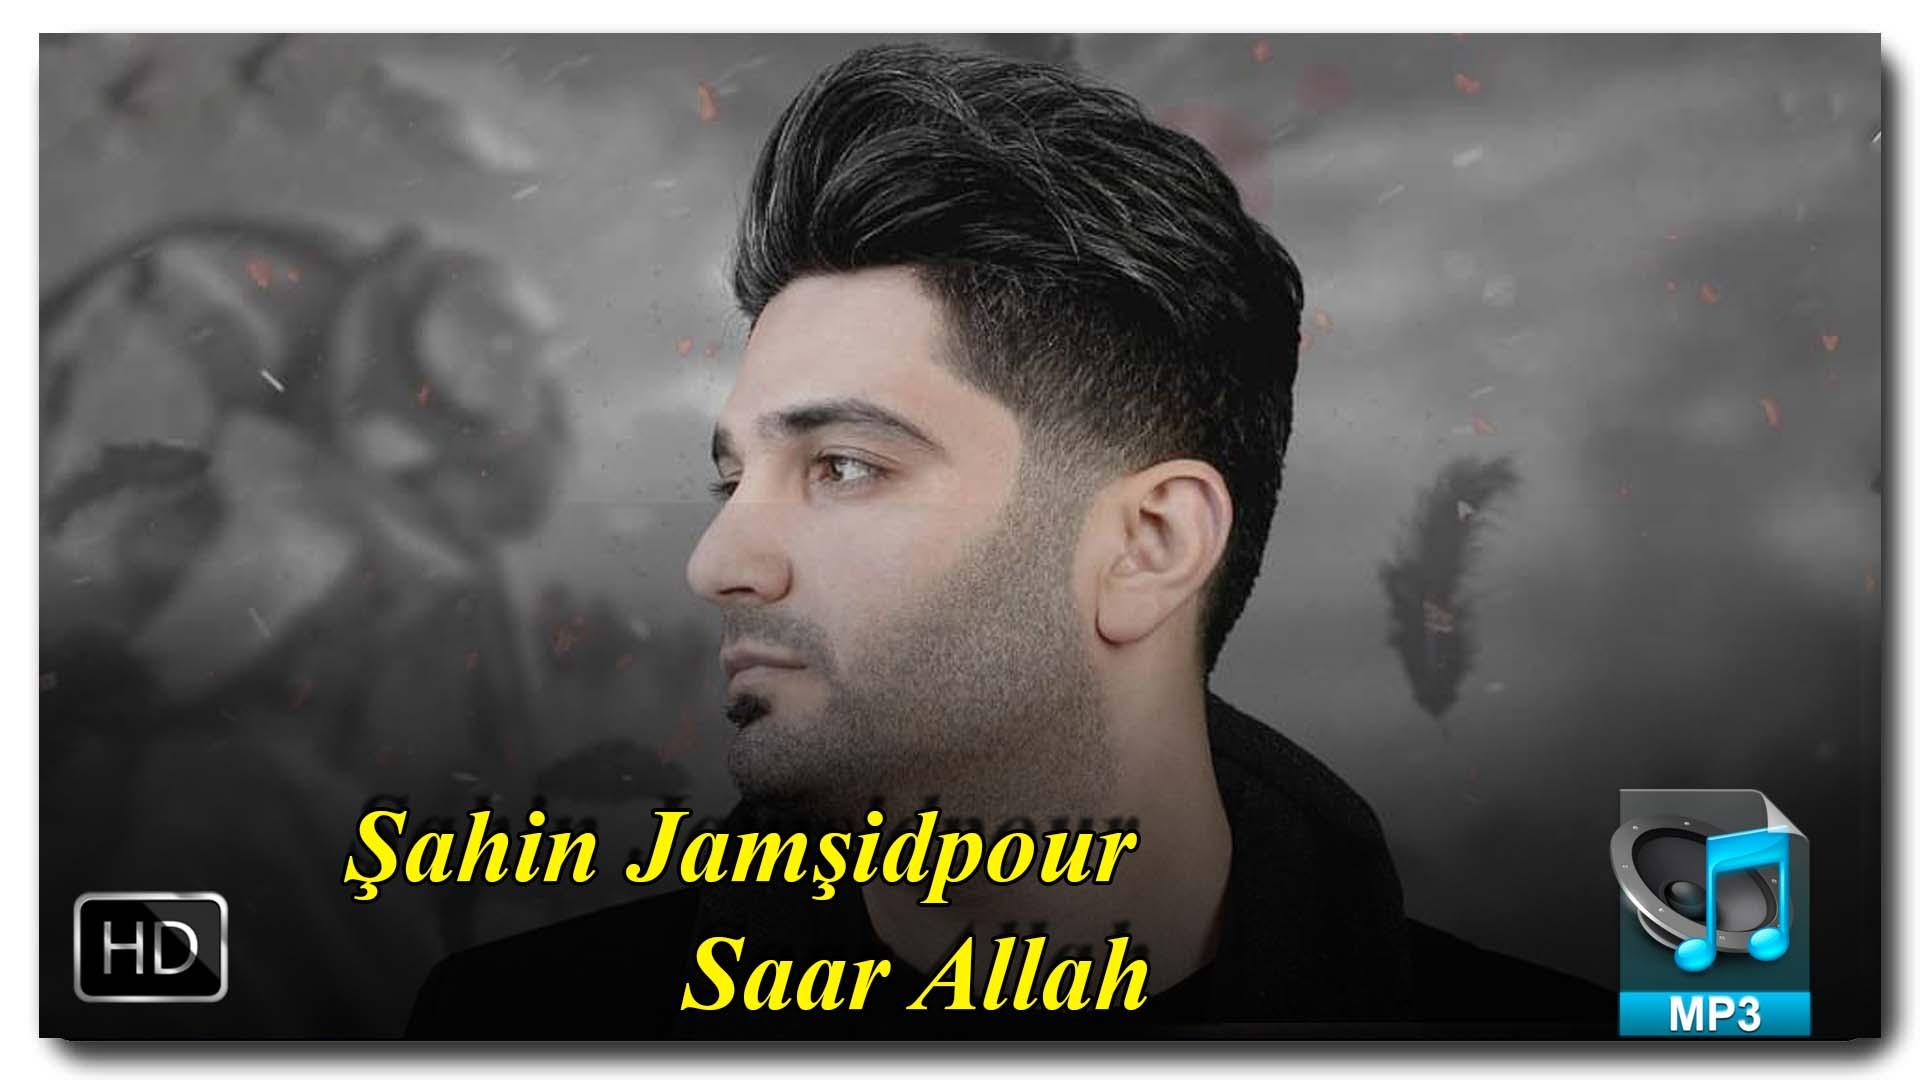 Yeni Mərsiyə | Şahin Jamşidpour | Saar Allah |İlkdəfə YA-ƏLİ saytında|